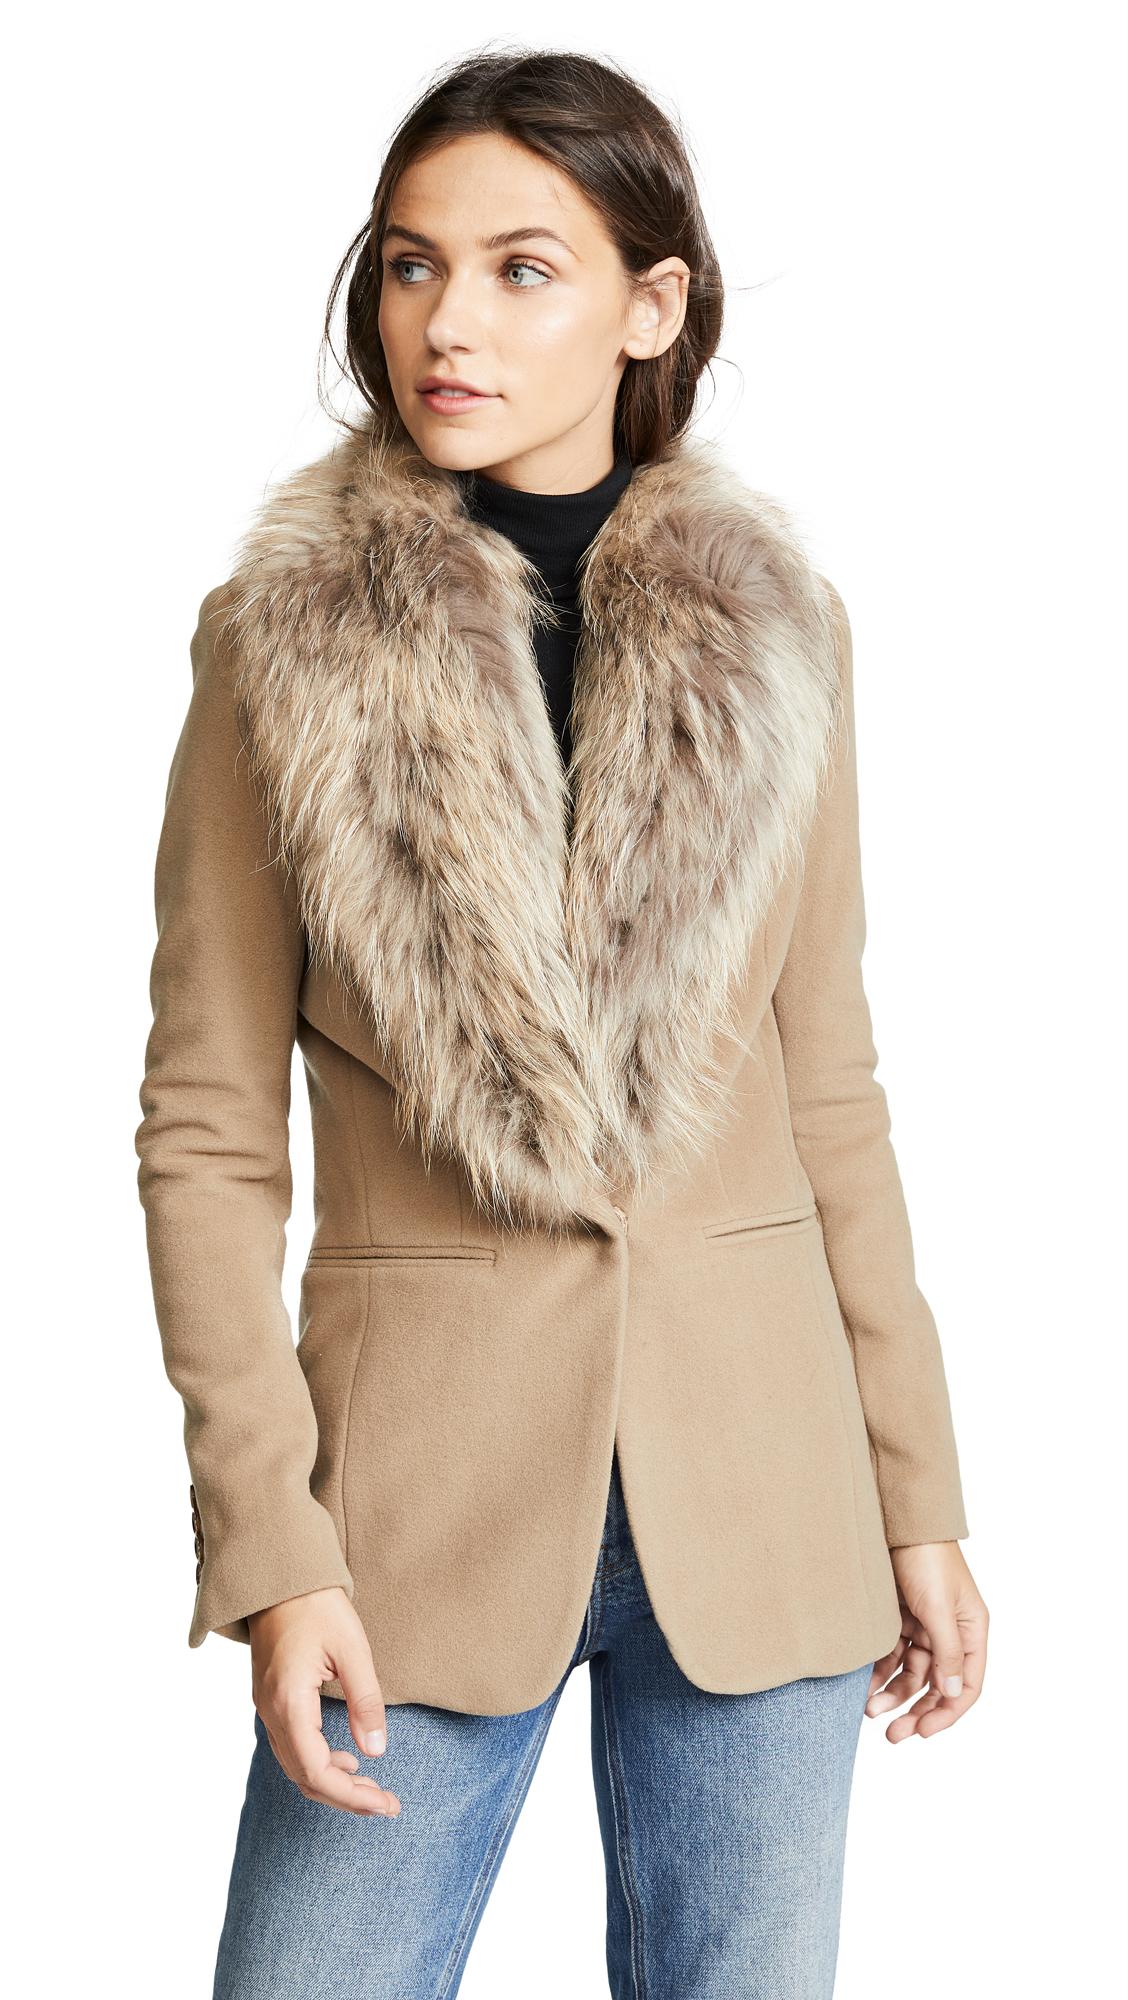 SAM. Ludlow Coat In Camel/Natural